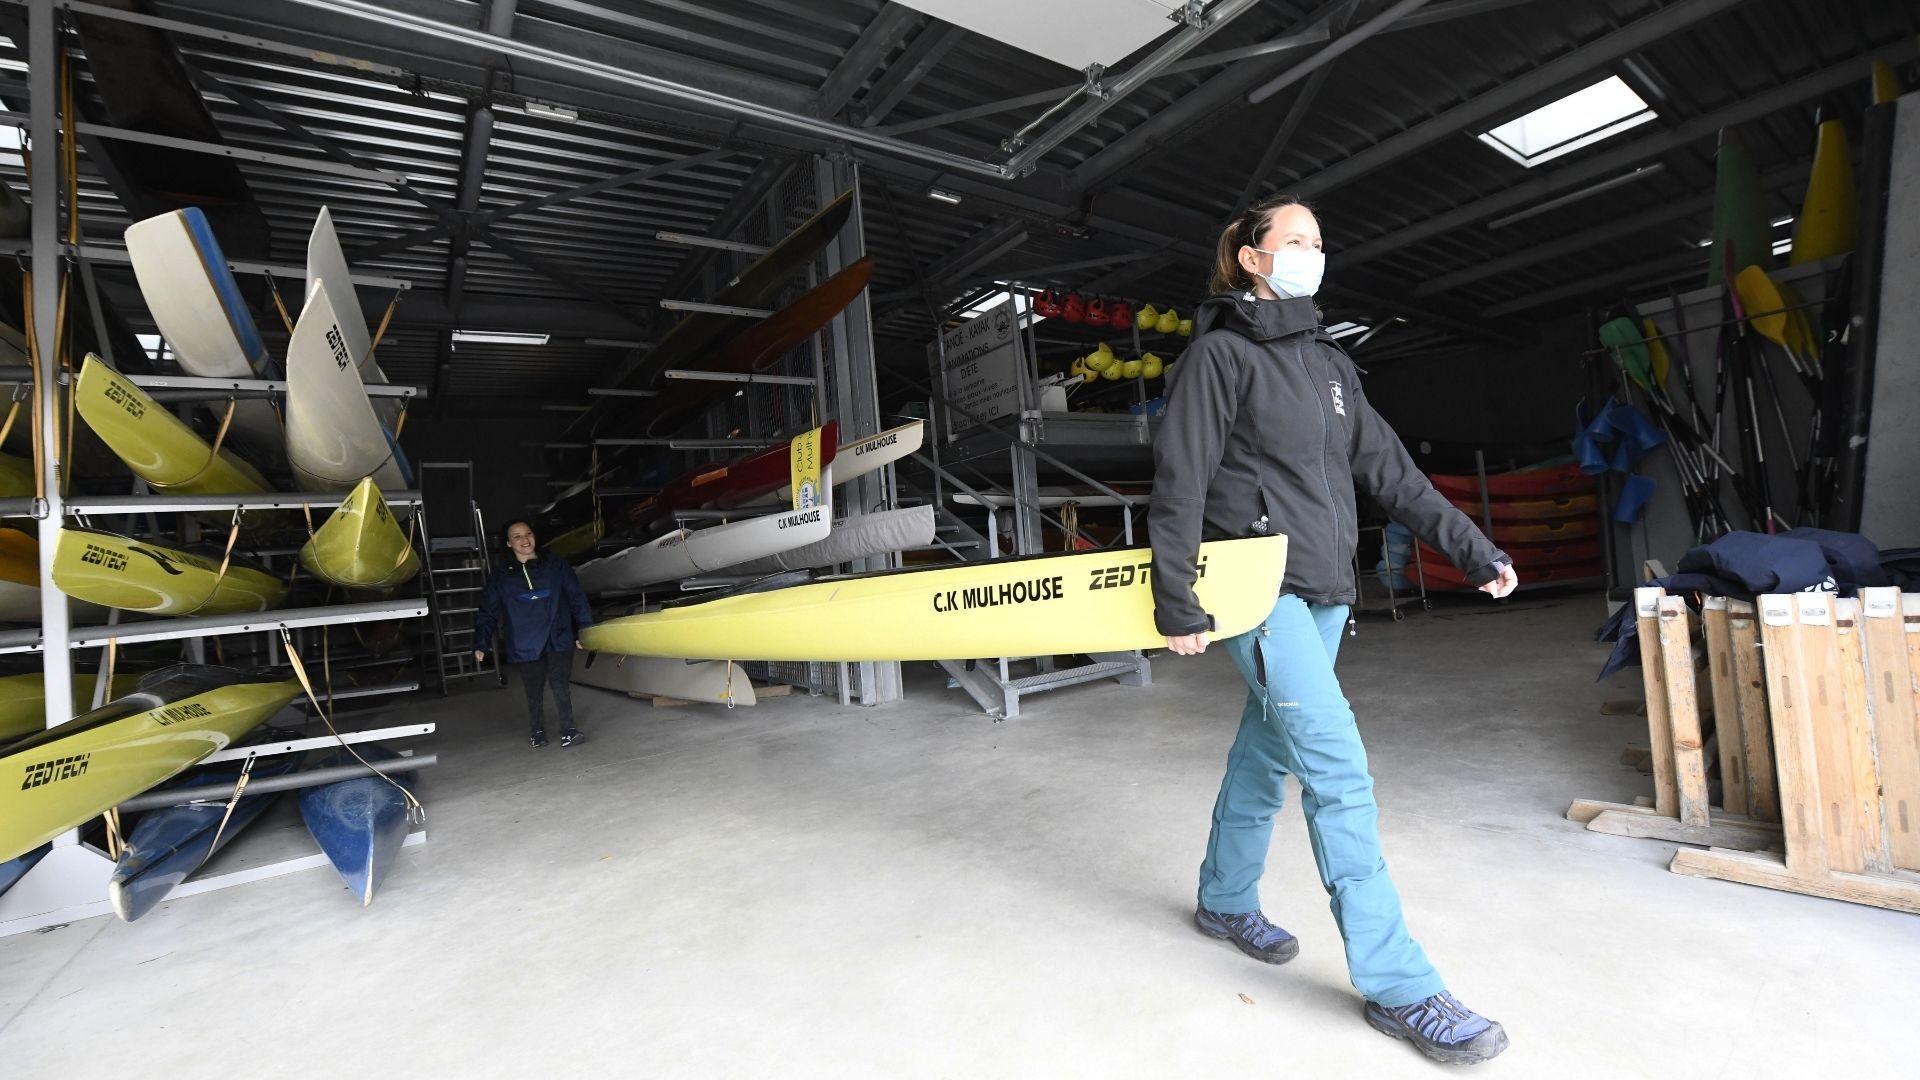 Riedisheim du handikayak au club de canoë kayak : un bateau avec plus ou moins d'adaptation